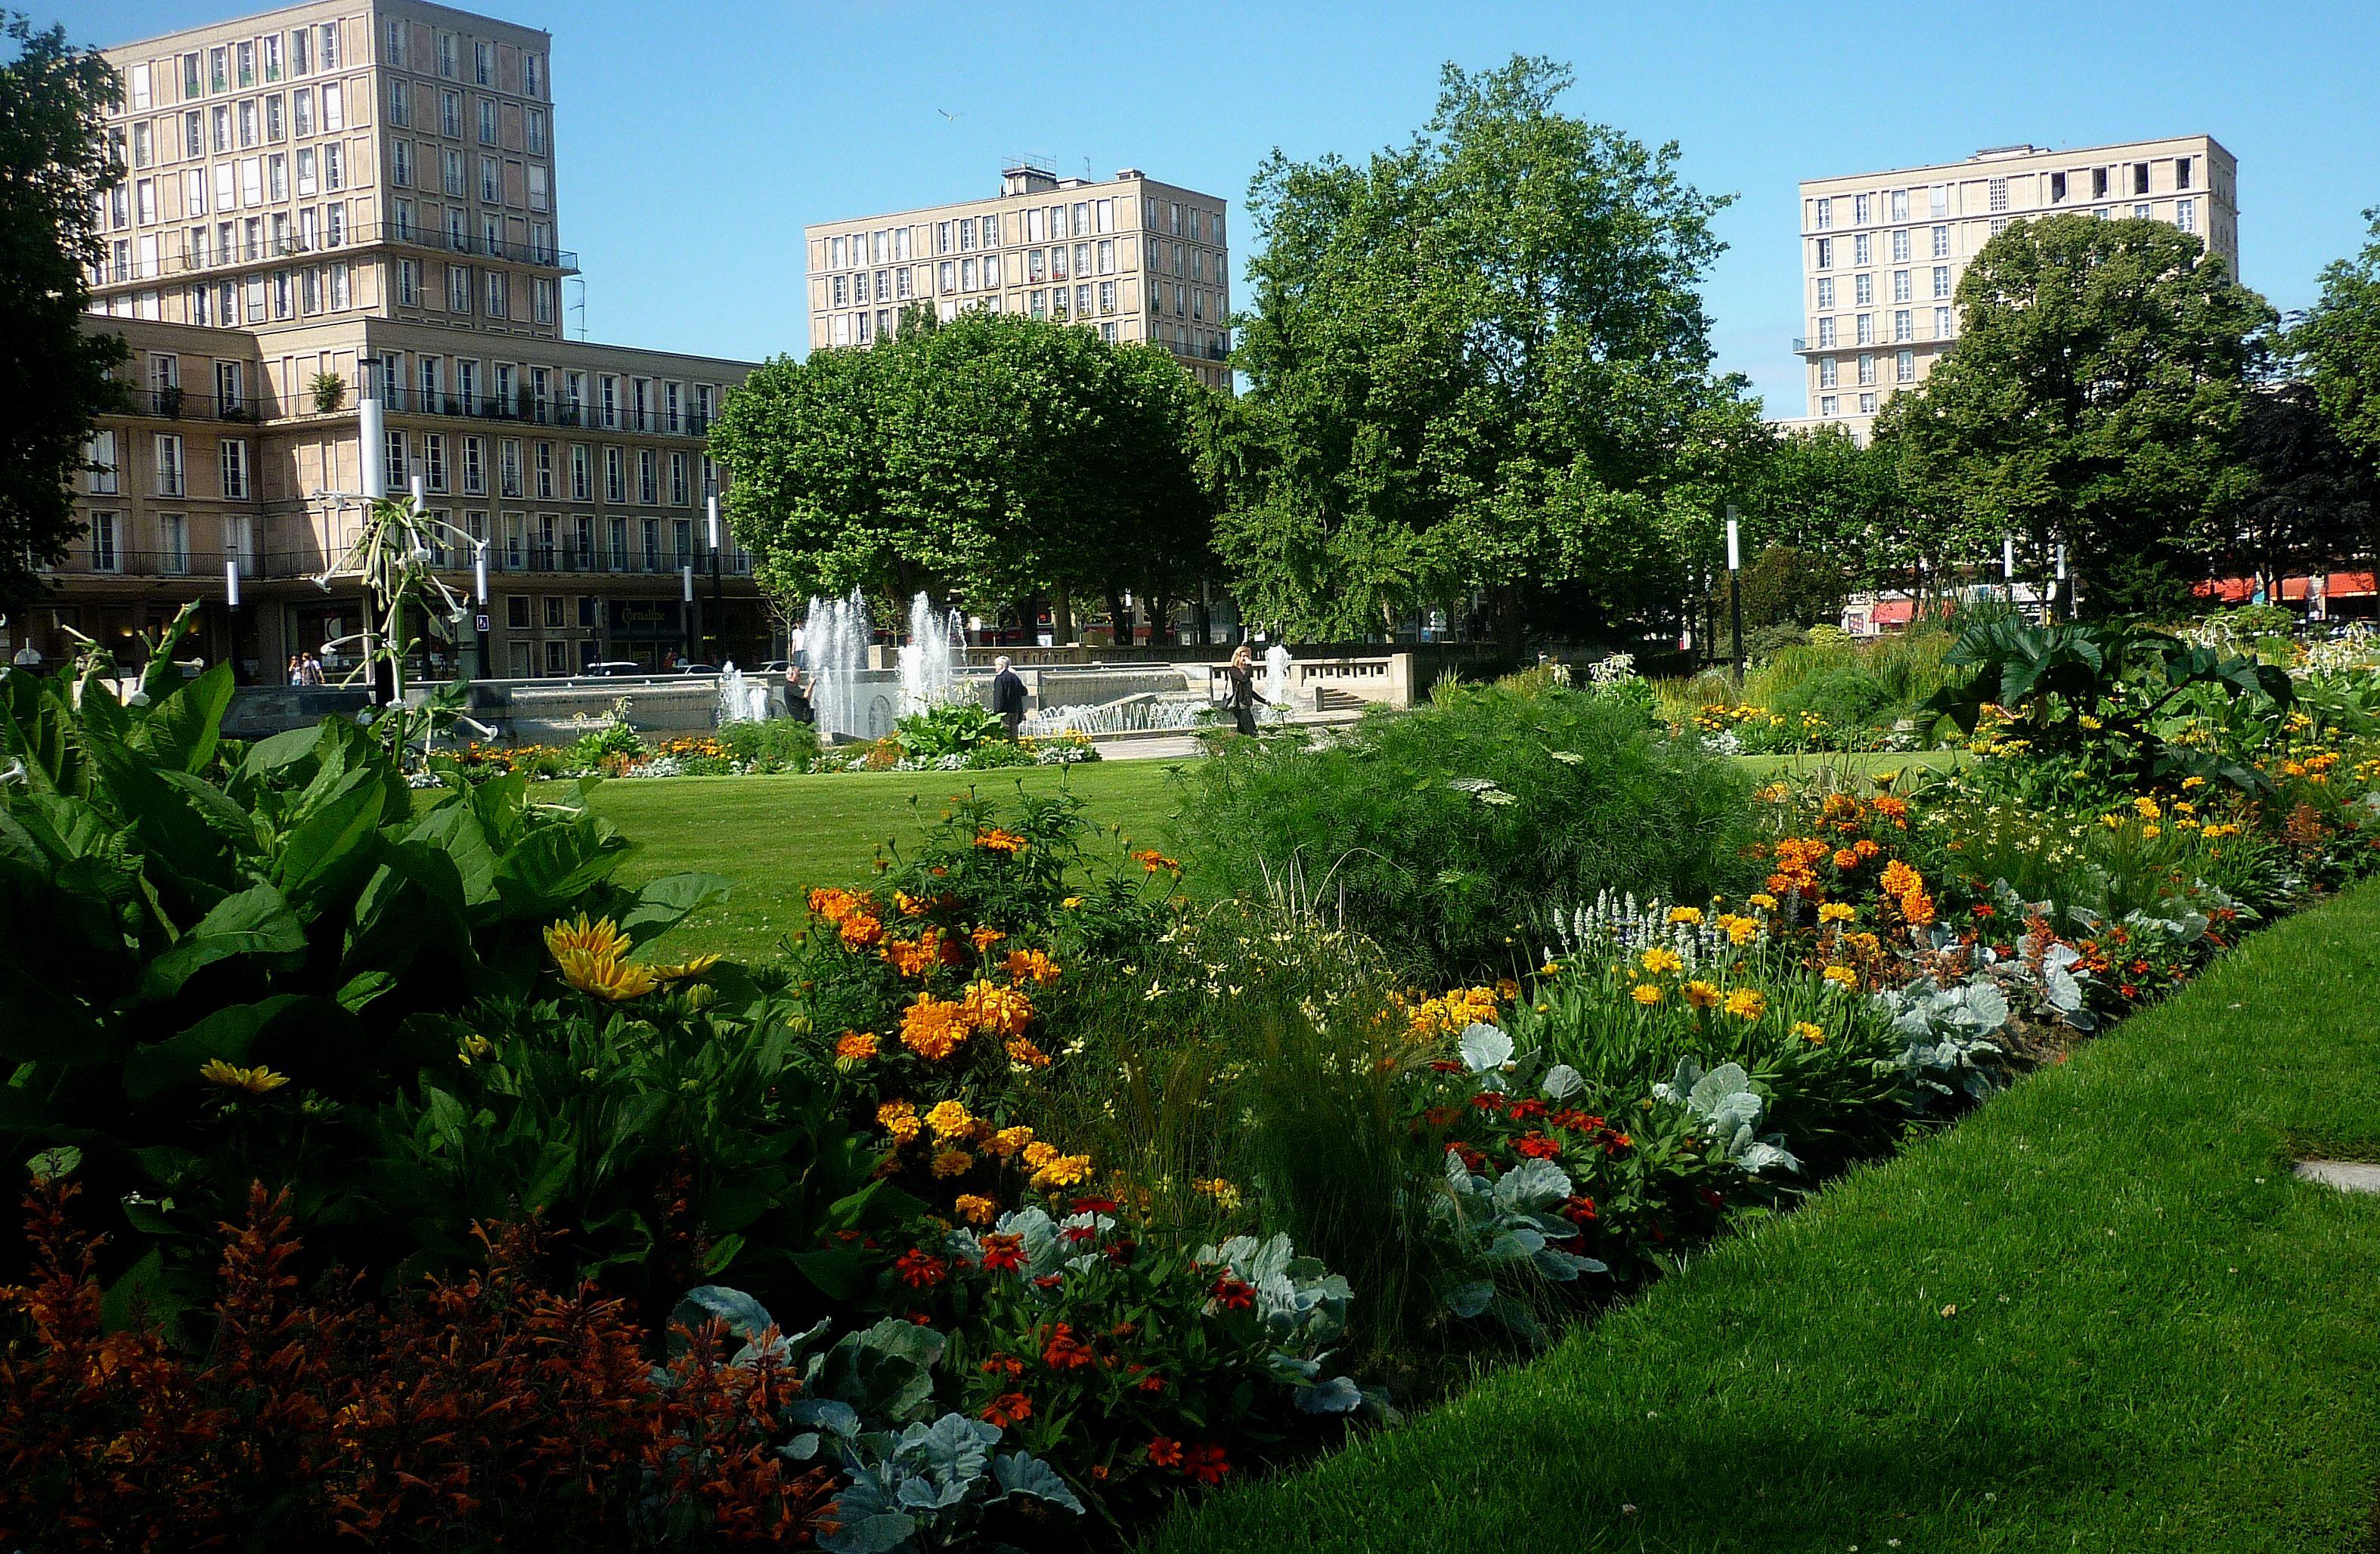 Jardins de l 39 h tel de ville le havre for Entretien de jardin le havre